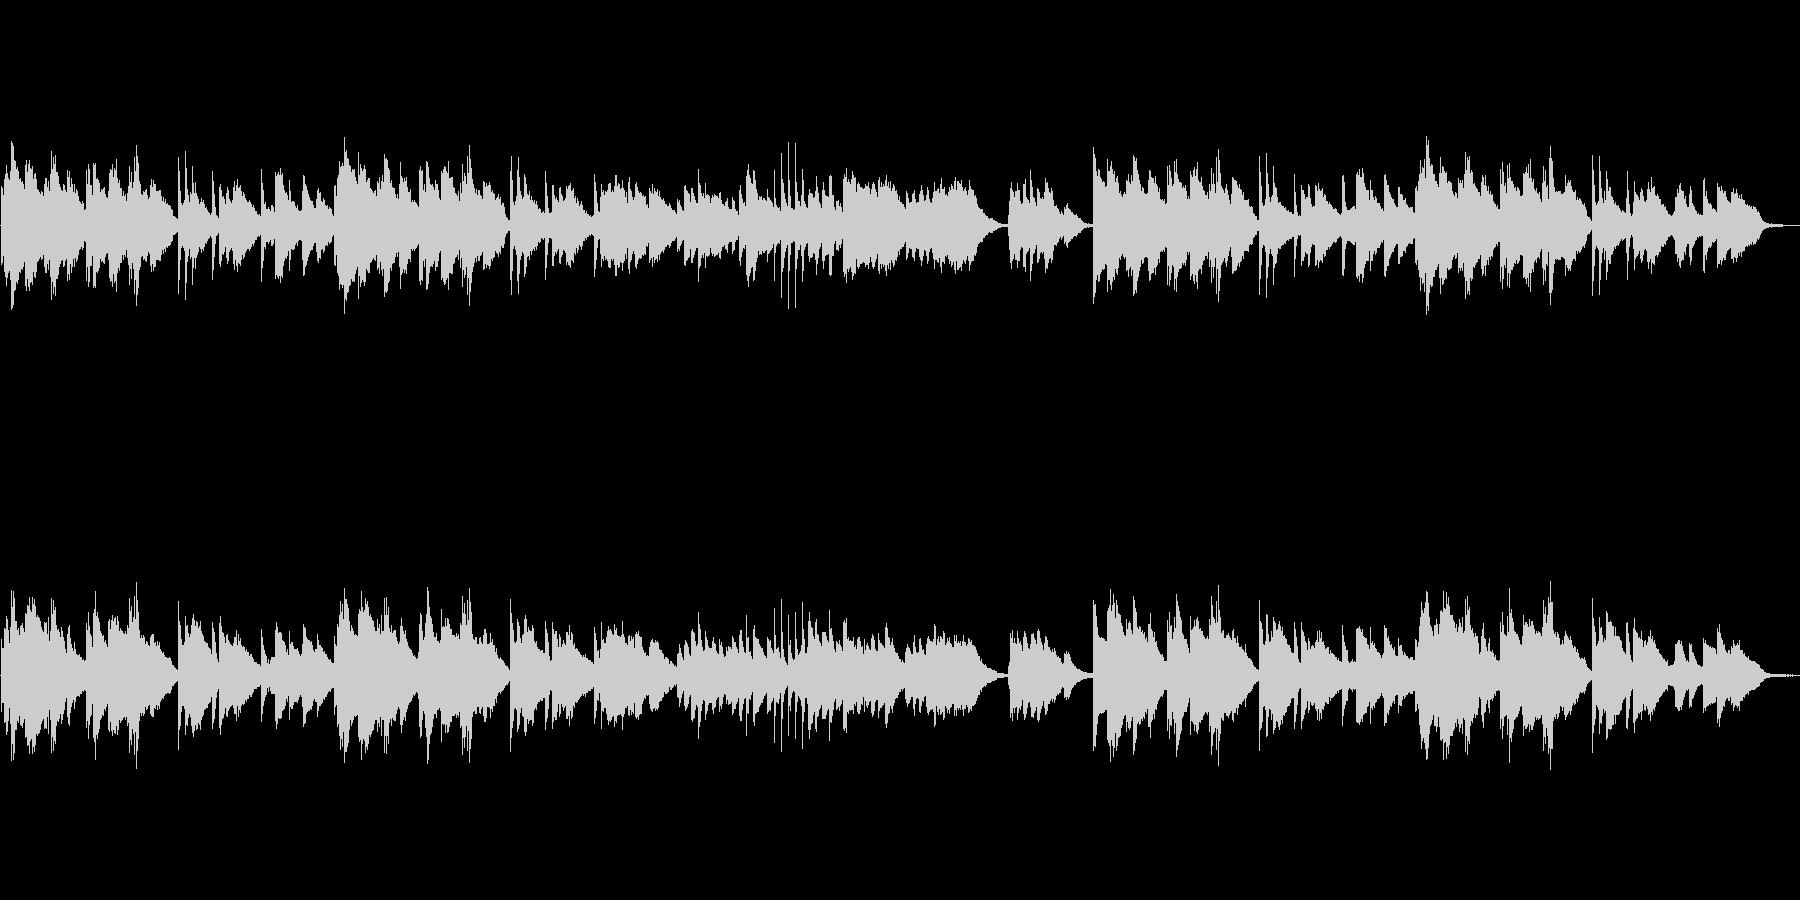 ワルツ ピアノ オシャレなコードの未再生の波形